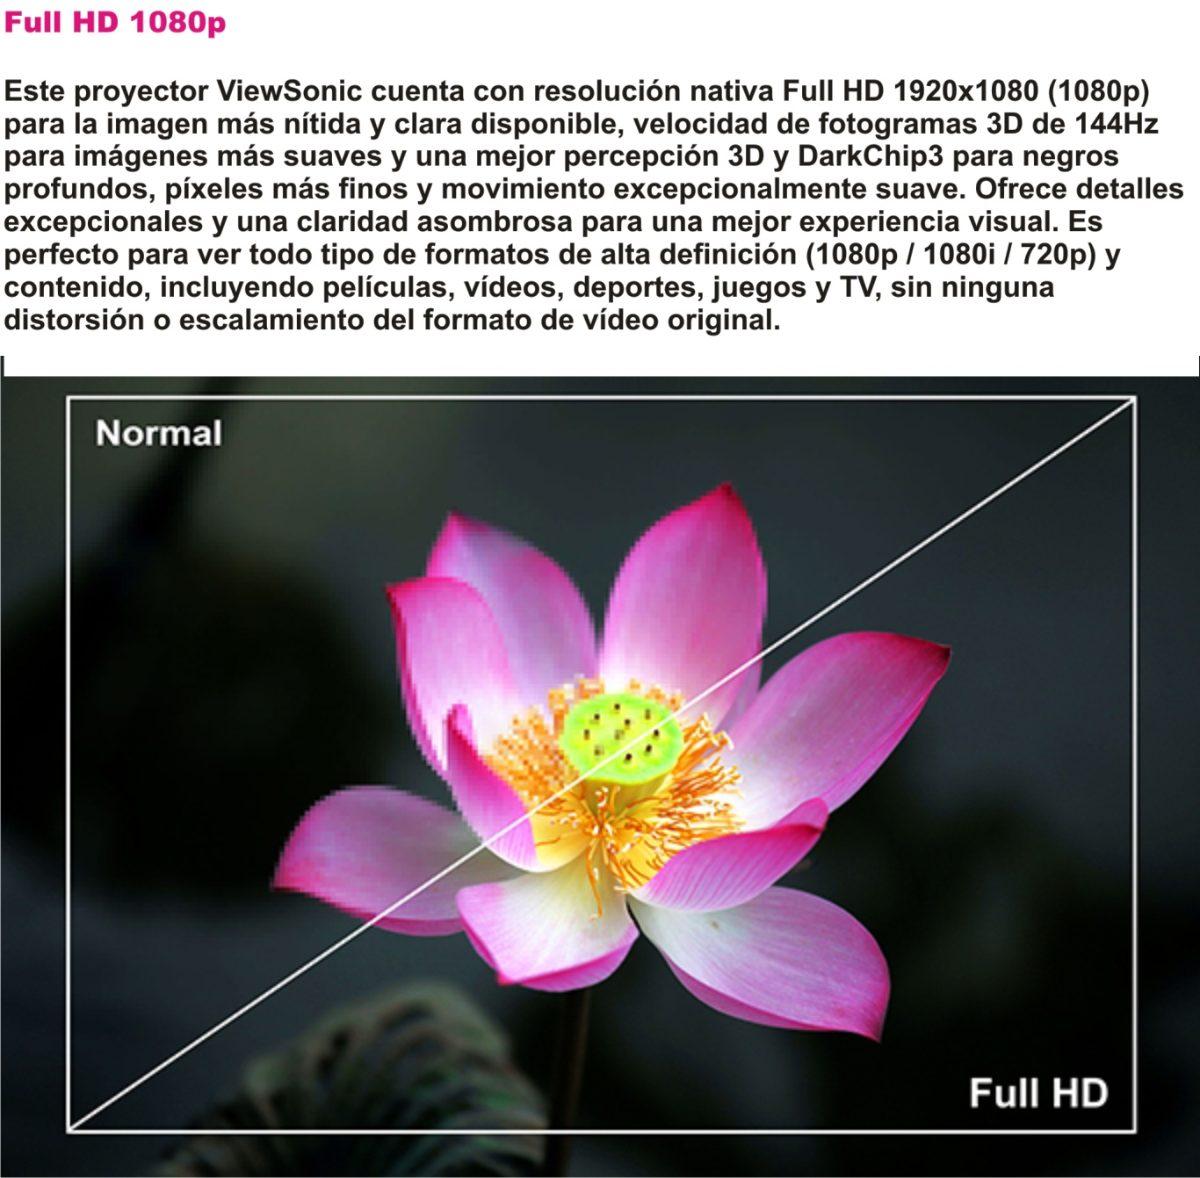 https://http2.mlstatic.com/proyector-viewsonic-pjd7828hdl-mod-2018-1080p-nativo-hdmi-x2-D_NQ_NP_971039-MLA25734752536_072017-F.jpg